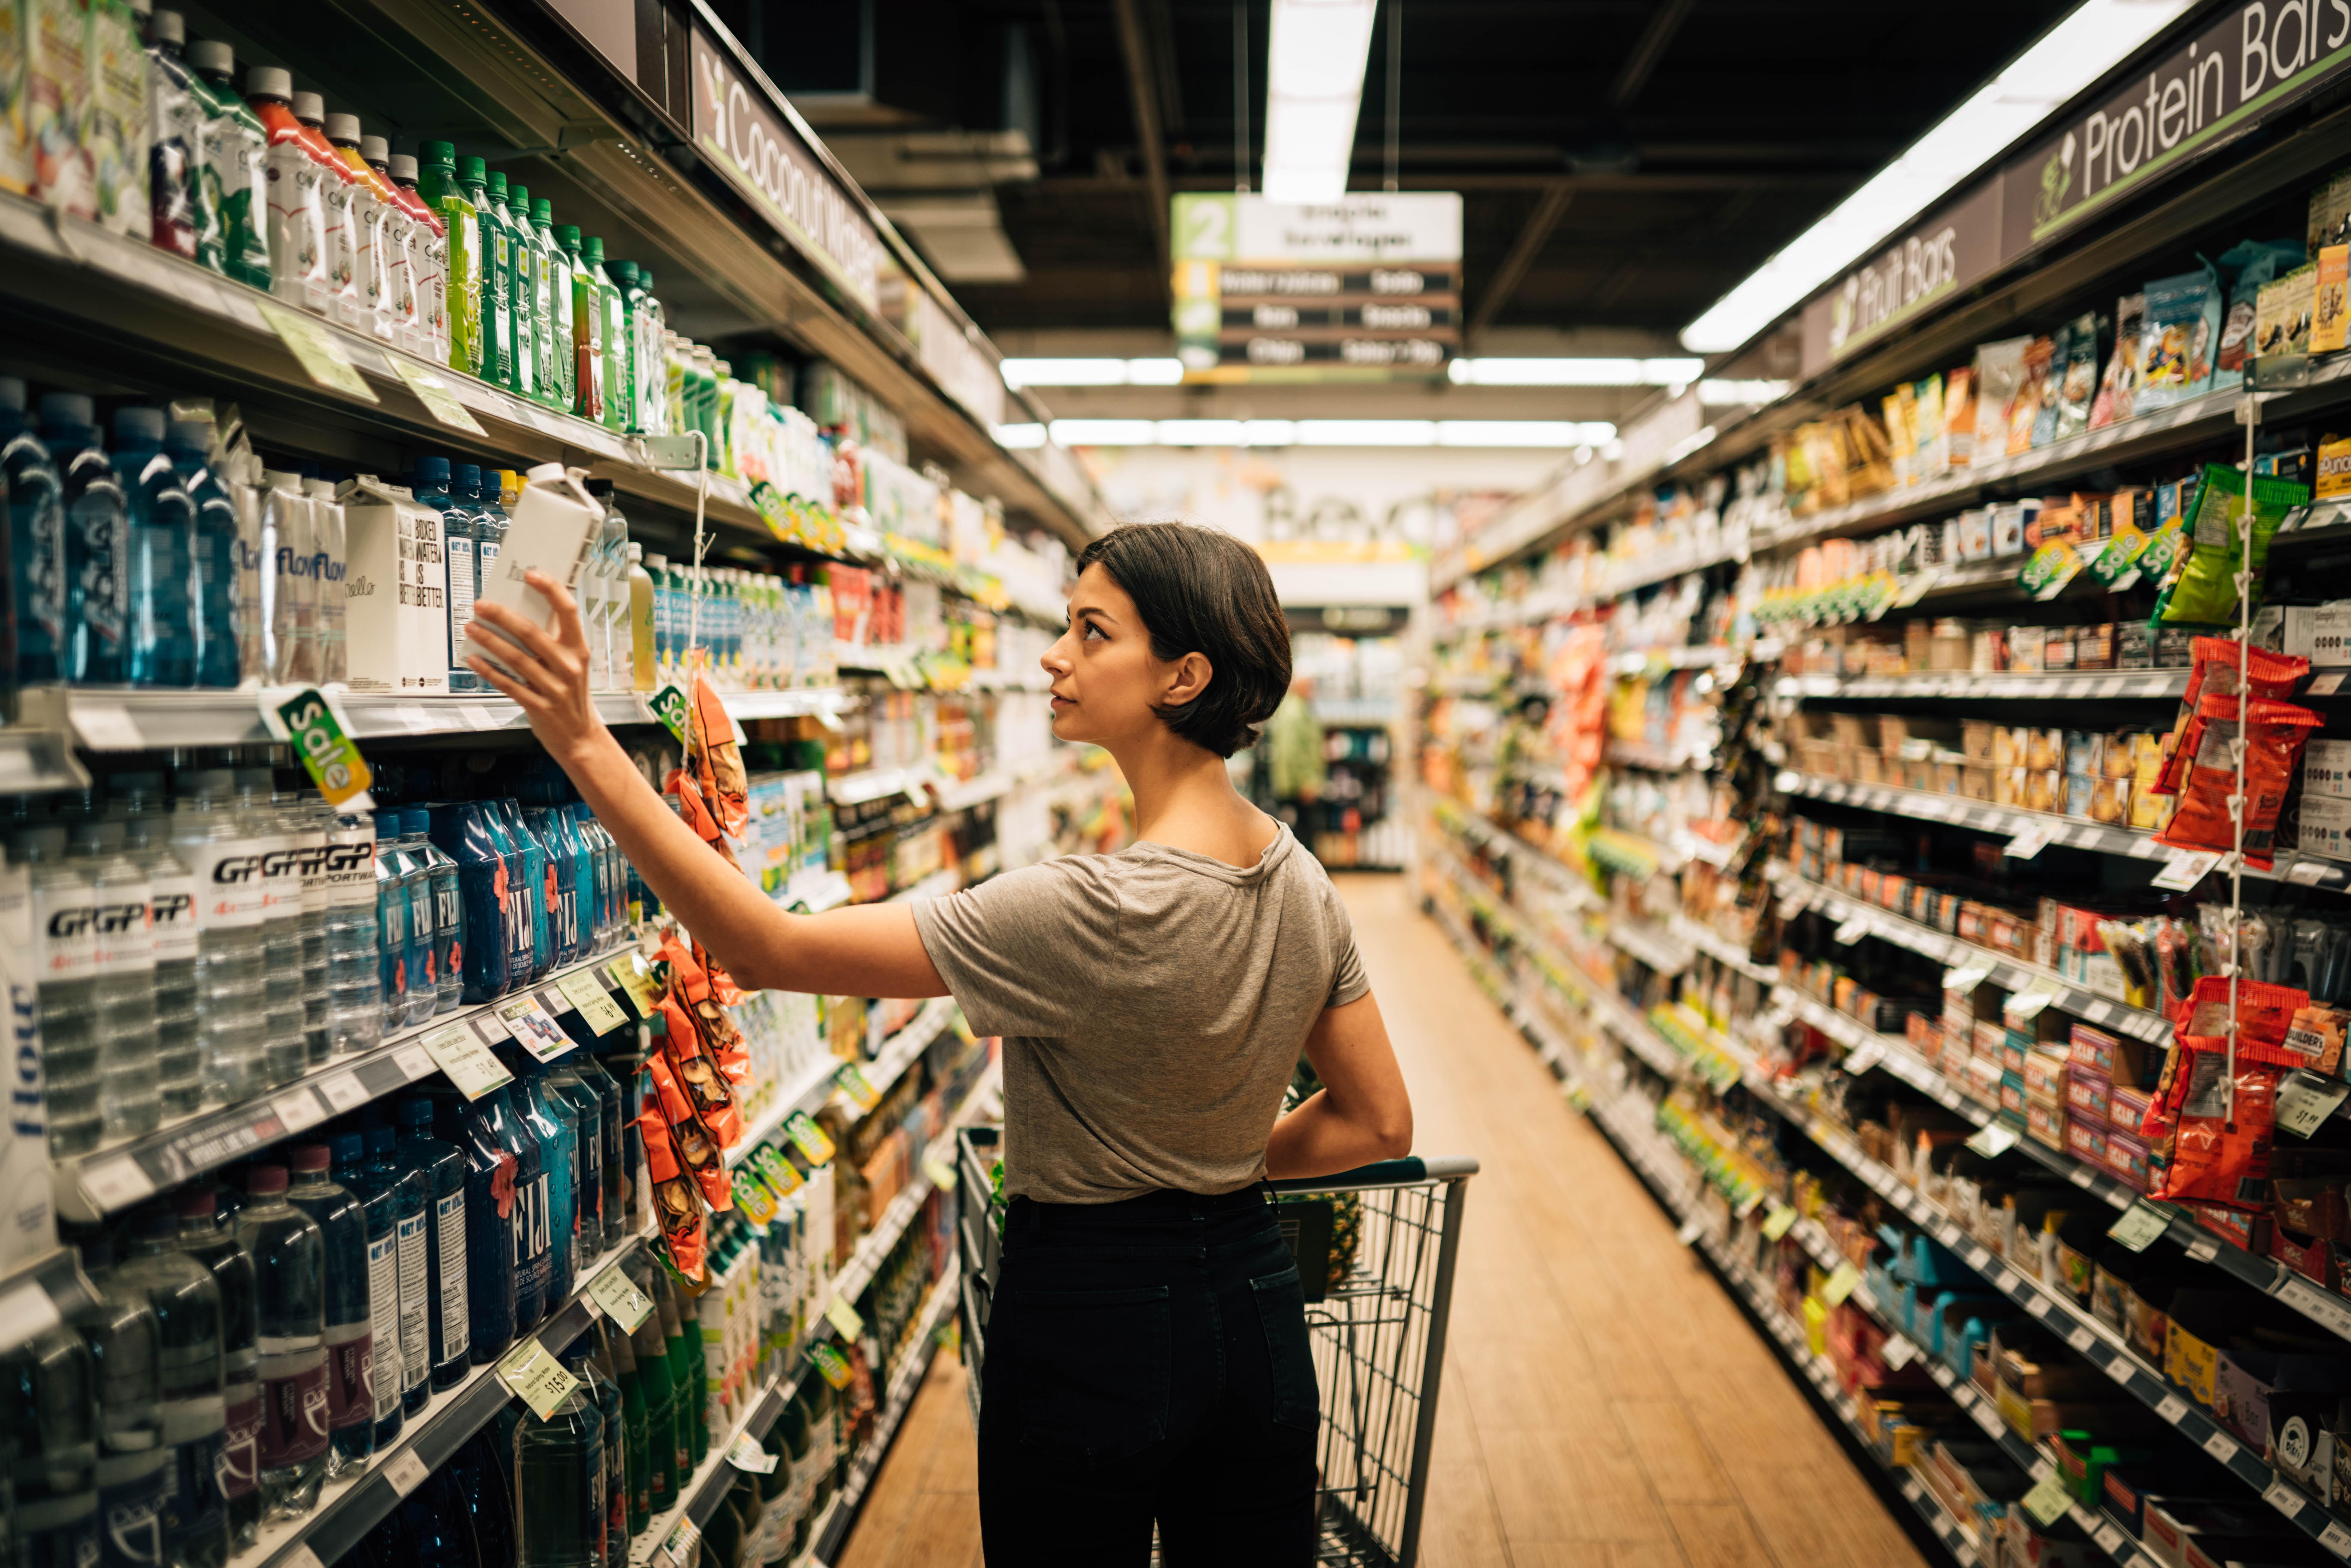 Grocers' Feedback Surveys